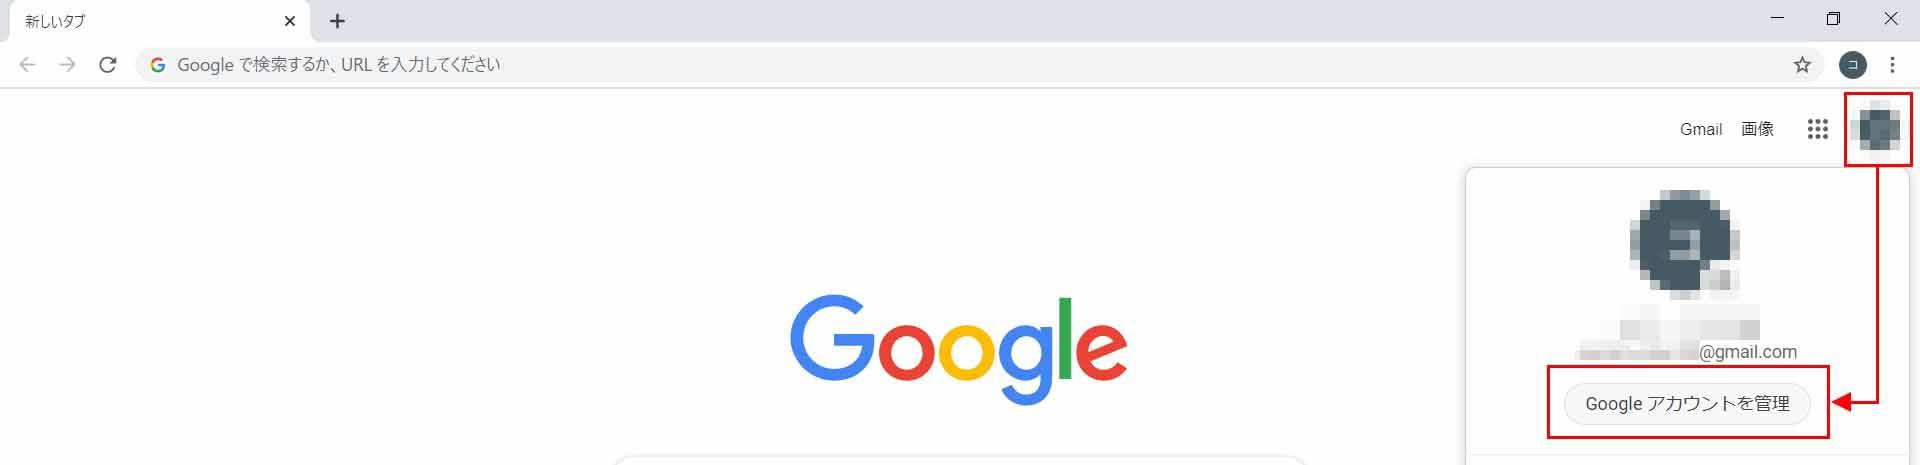 Googleアカウントの2段階認証を有効化する手順